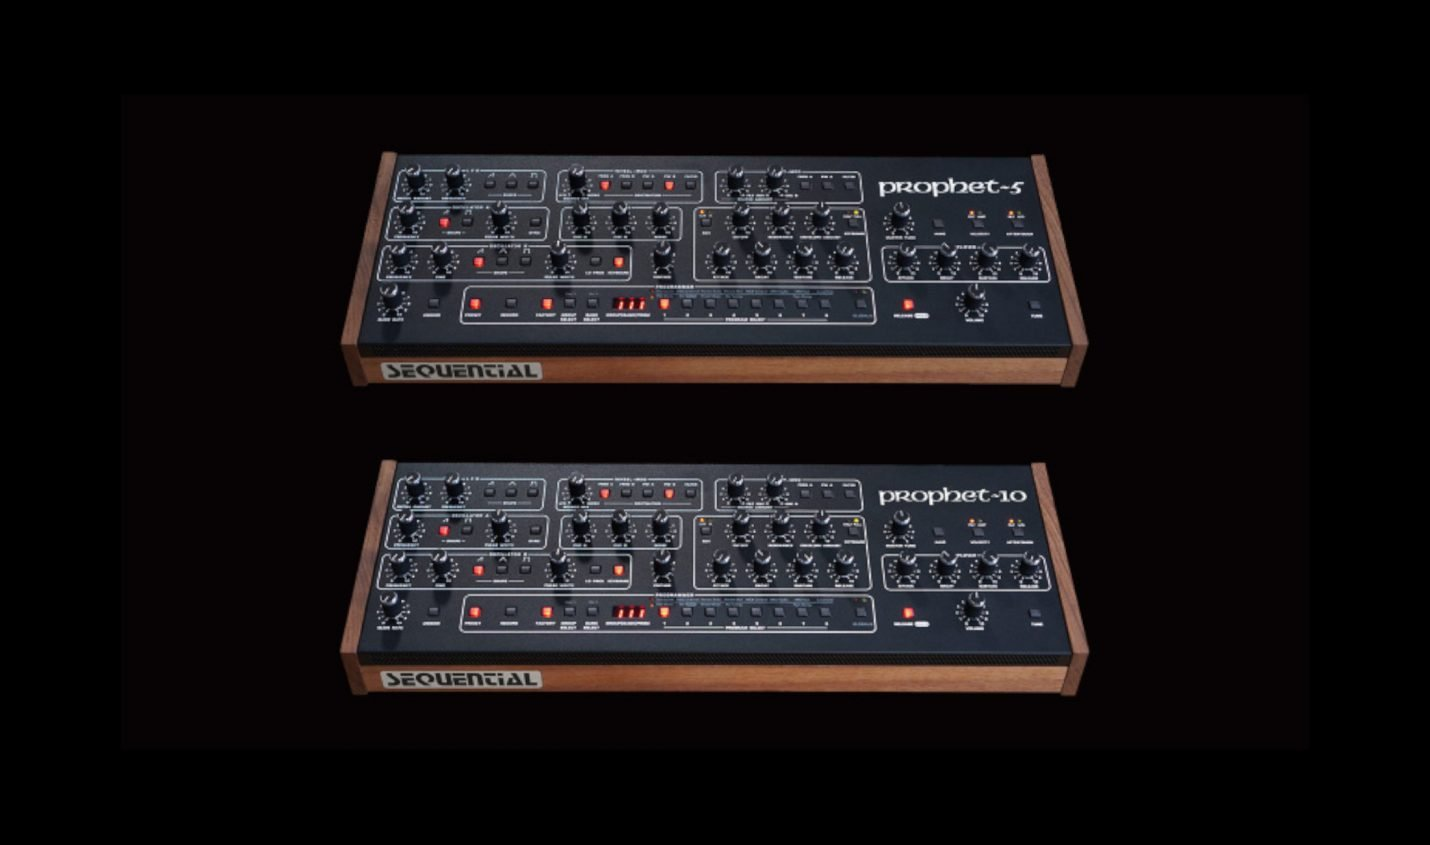 Sequential präsentiert Prophet-5 und Prophet-10 als Desktop-Module